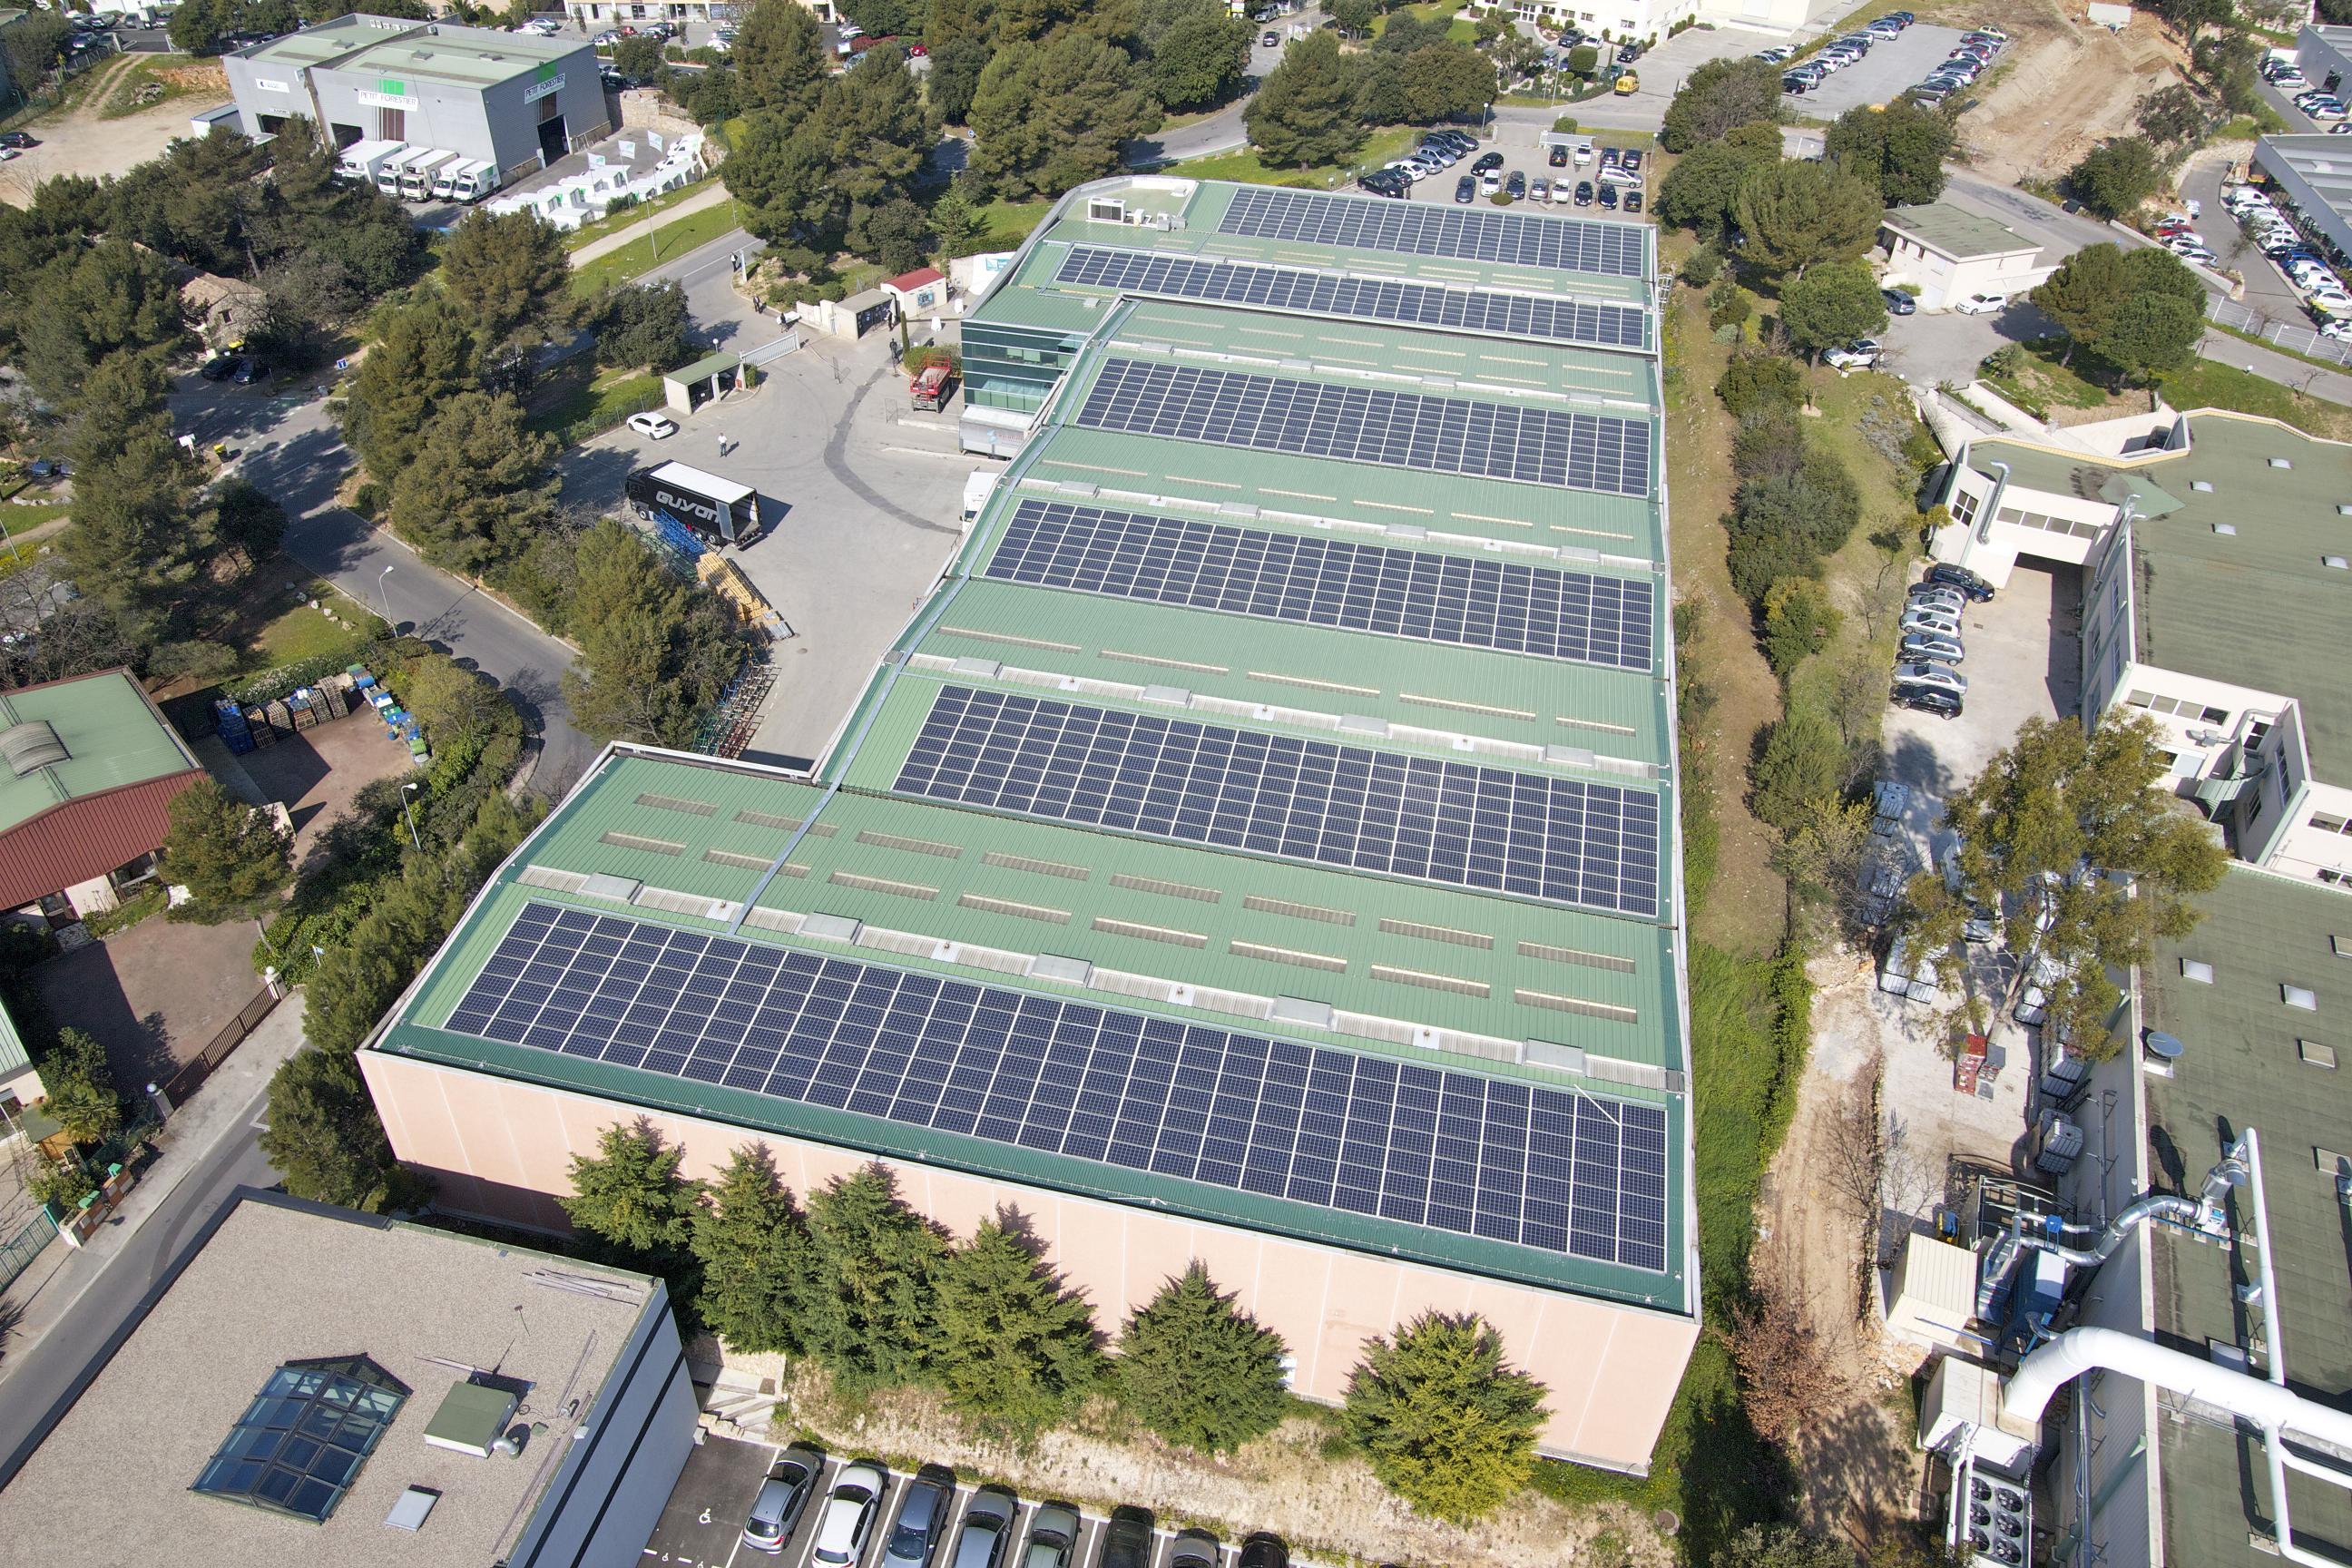 Installation photovolta que du parc d activit s de l for Garage du park mouans sartoux